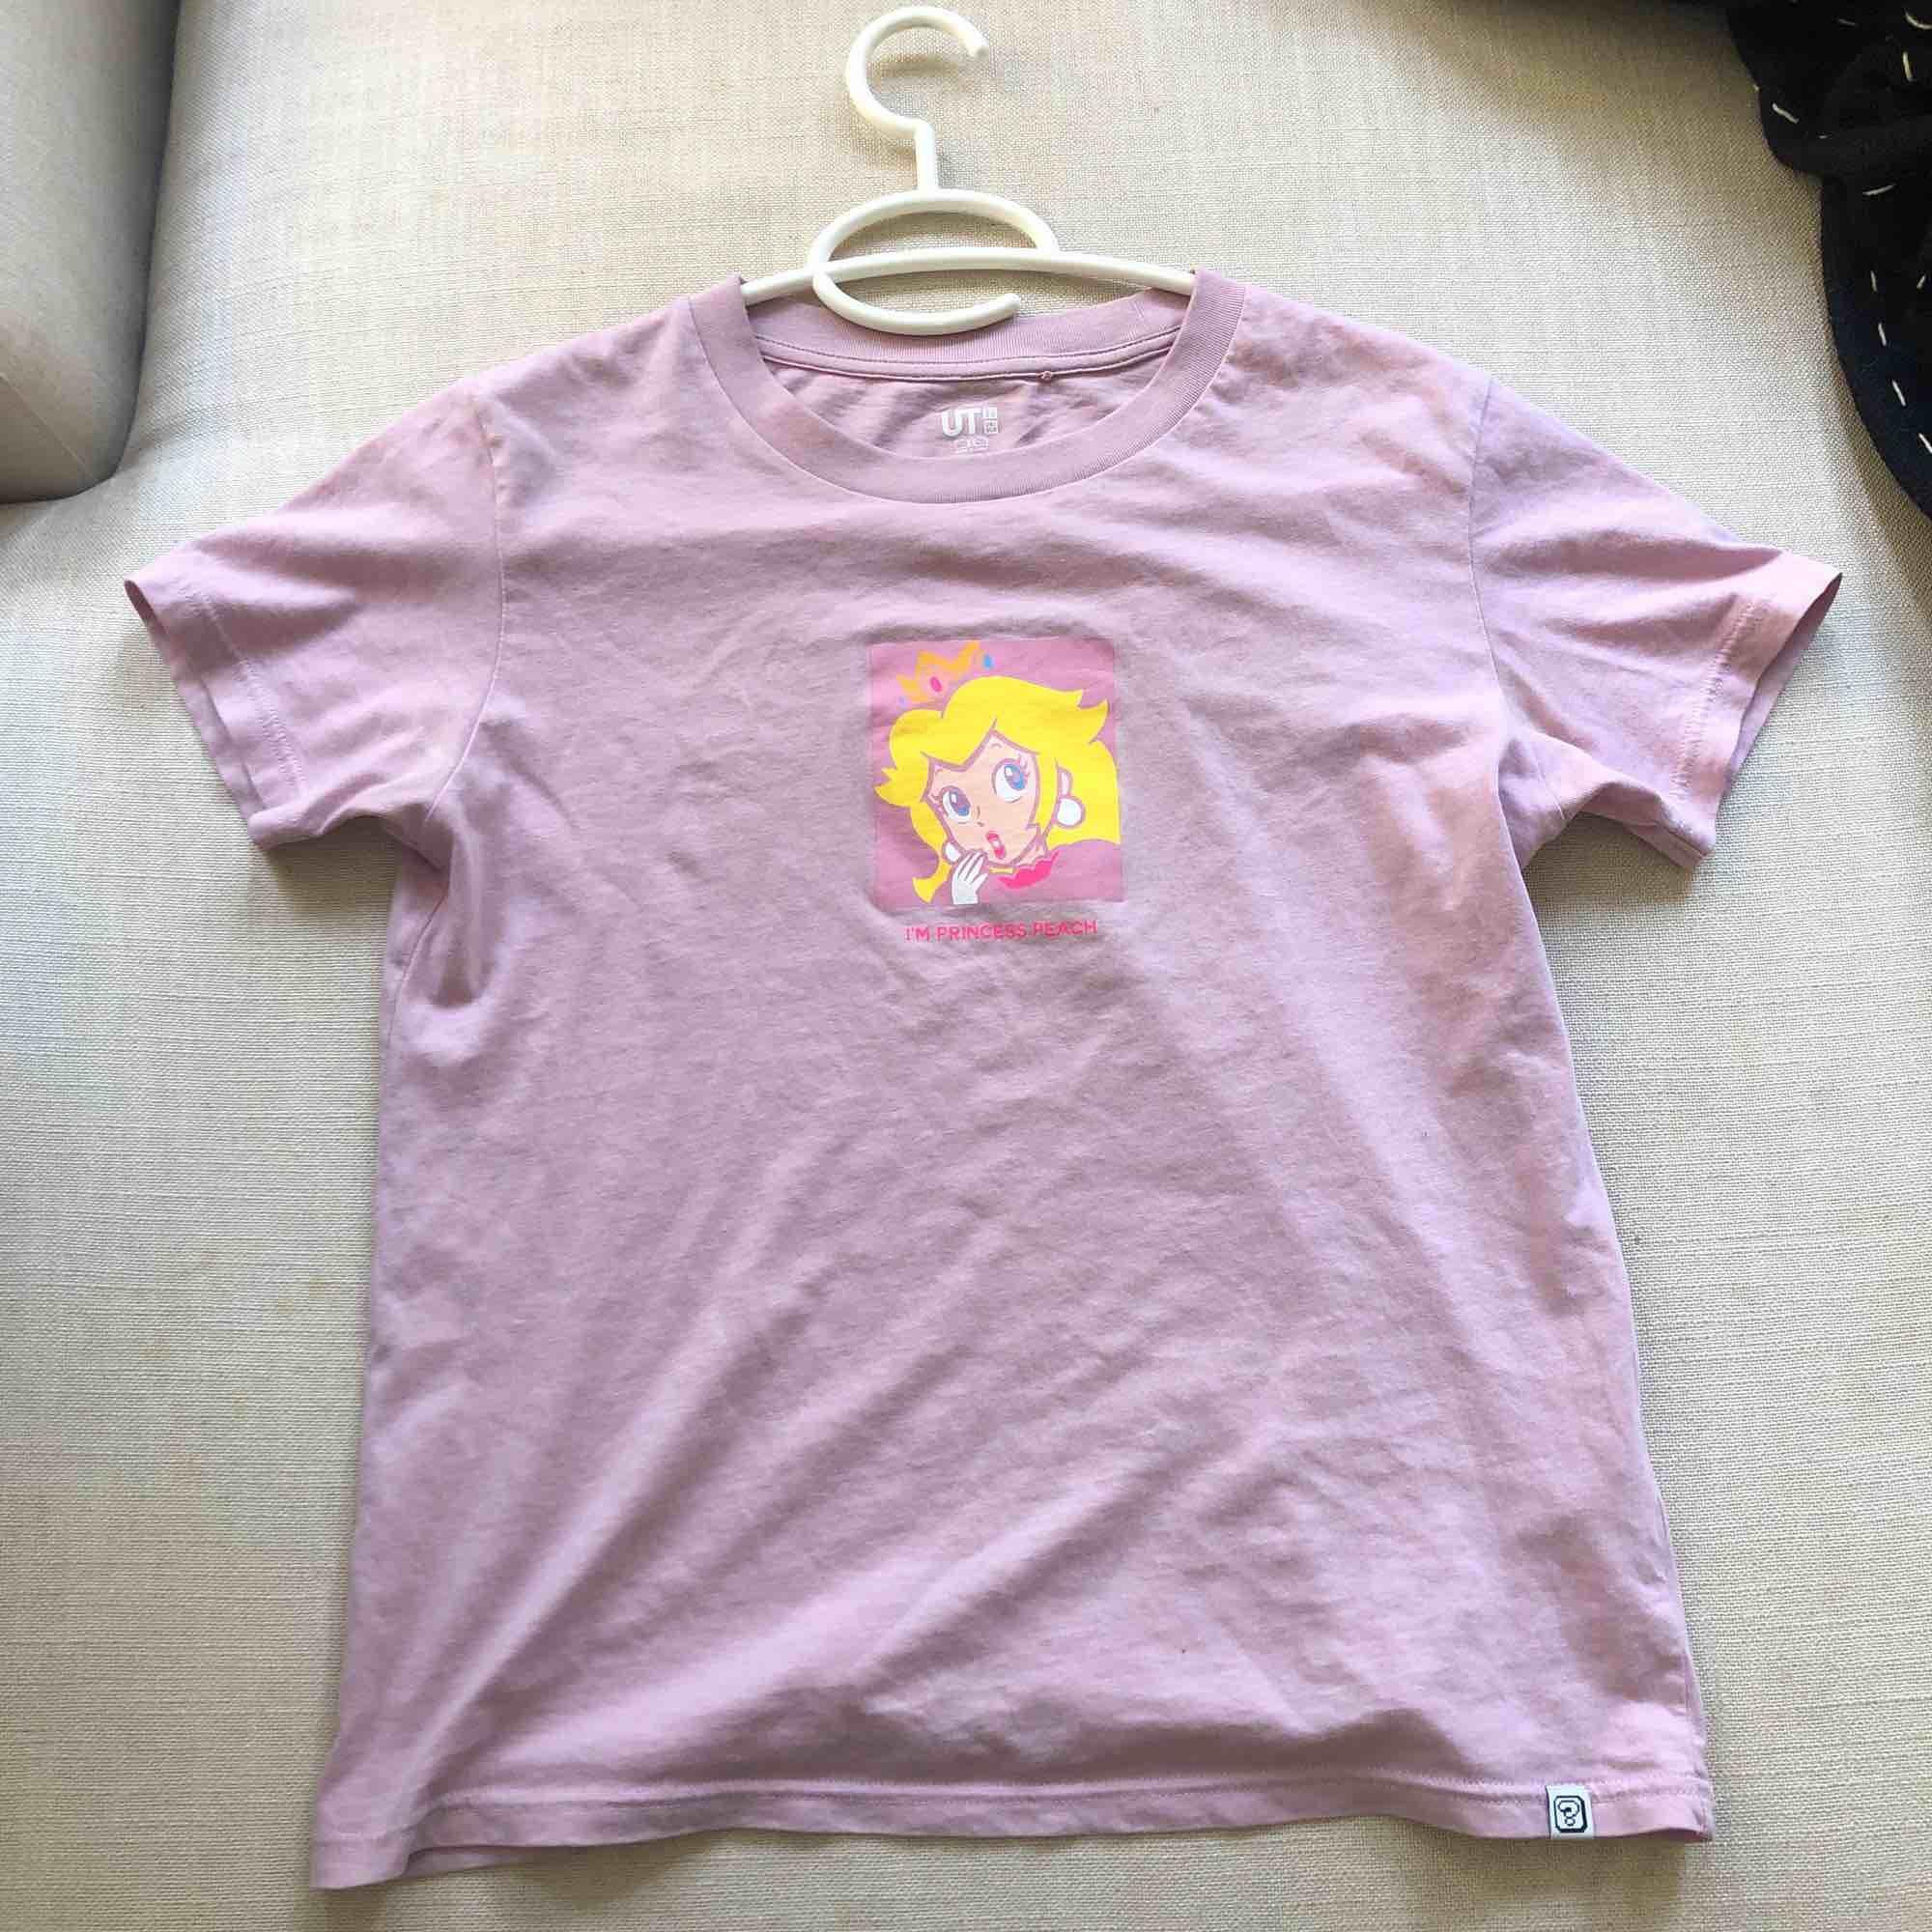 Tee-shirt köpt från uniqlo. Säljer eftersom den inte riktigt är min stil men väldigt bra skick. Köparen står för frakt. 💖💖💖(många är intresserade så höjde priset). T-shirts.